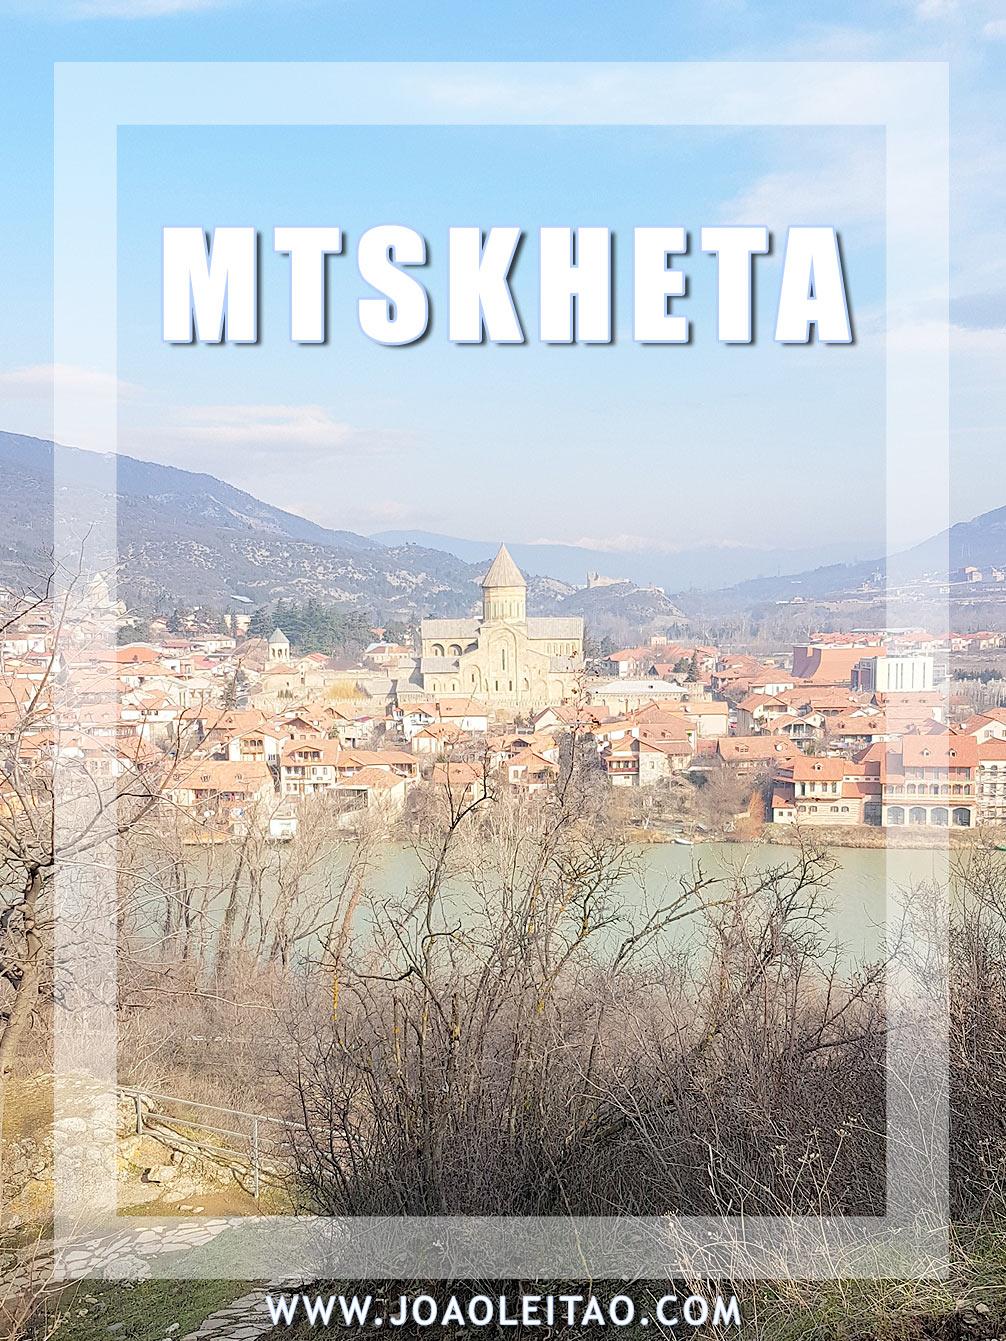 Visitar Mtskheta, Geórgia: Roteiro e Guia Prático de Viagem